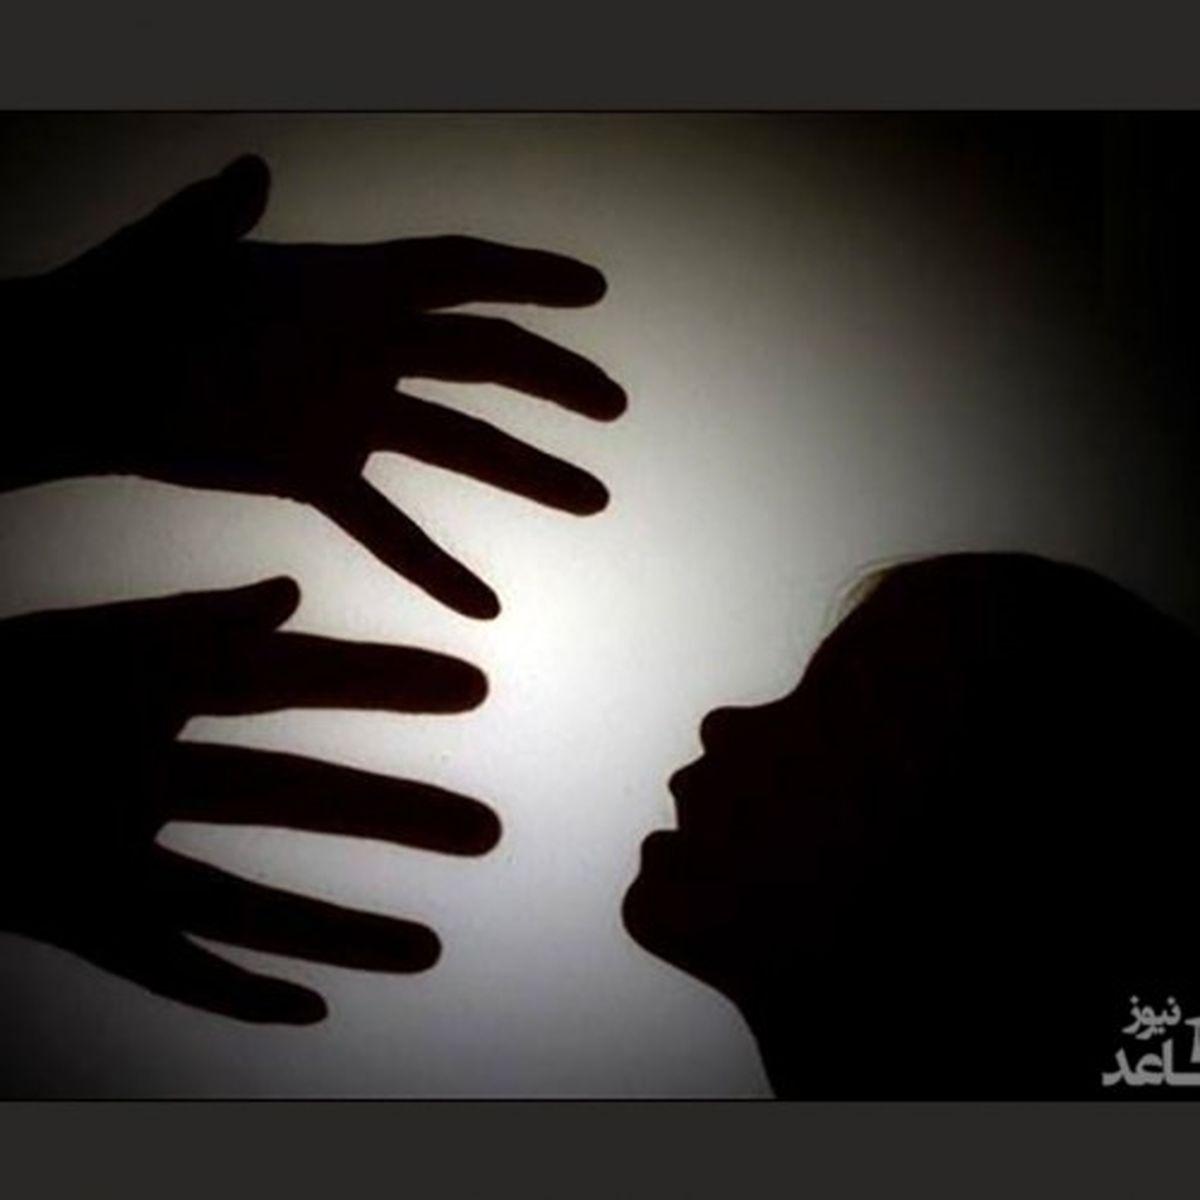 تجاوز دست جمعی به دختری جوان در ورامین + جزئیات